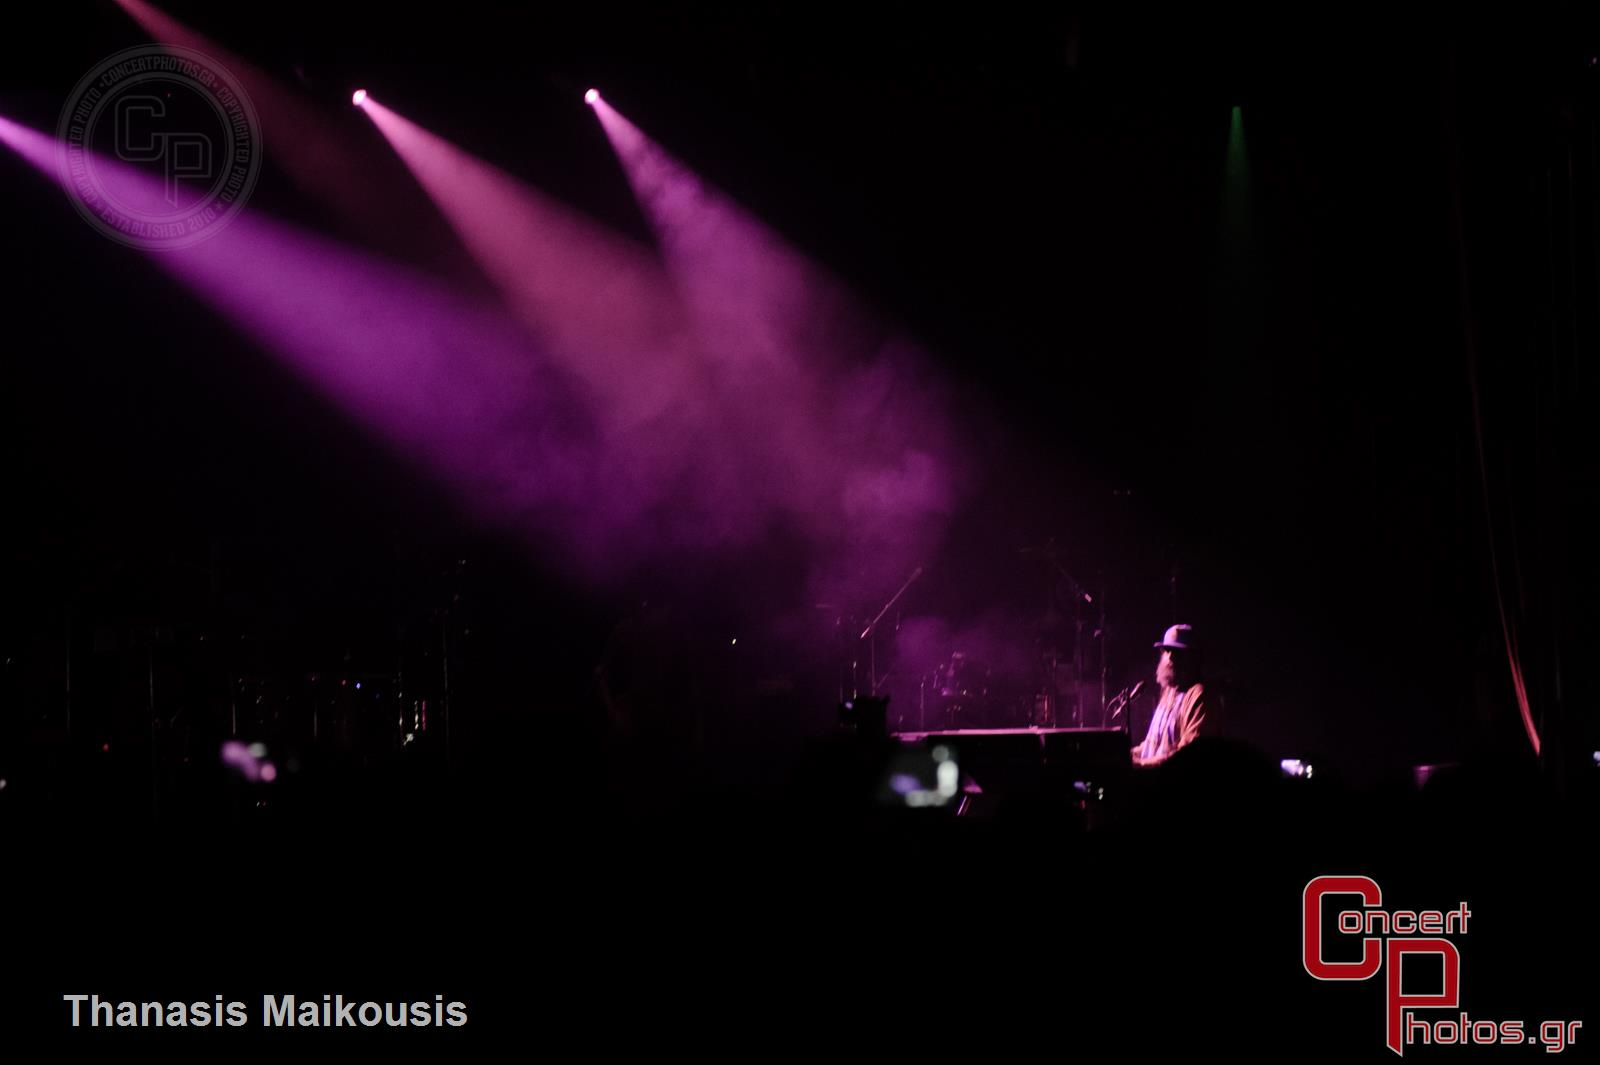 Sebastien Telier & Liebe-Sebastien Telier Liebe photographer: Thanasis Maikousis - concertphotos_20141108_00_46_59